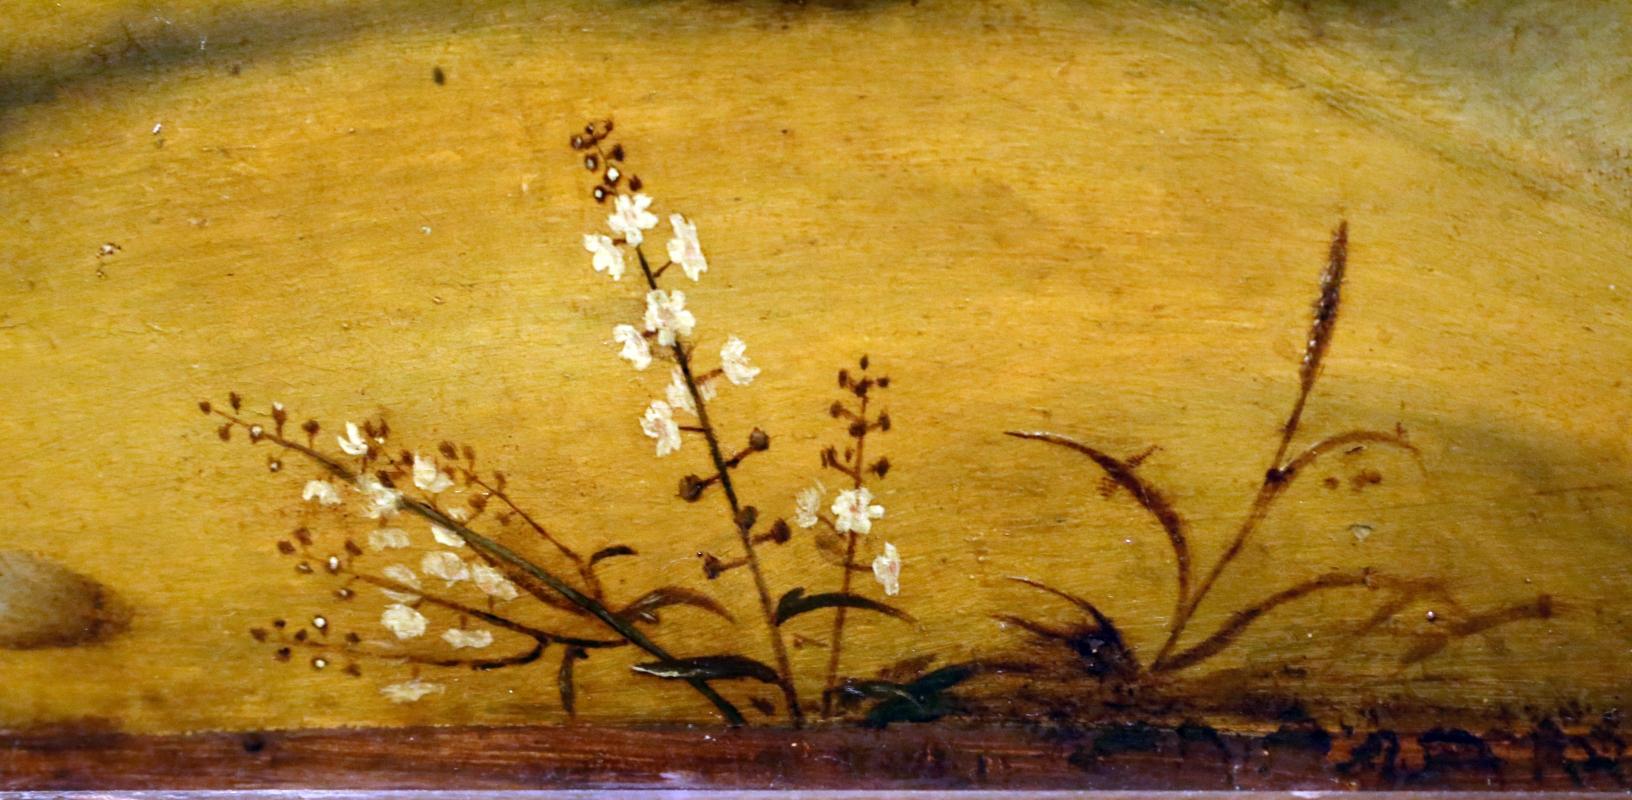 Piero di cosimo, perseo libera andromeda, 1510-13 (uffizi) 19 - Sailko - Ferrara (FE)